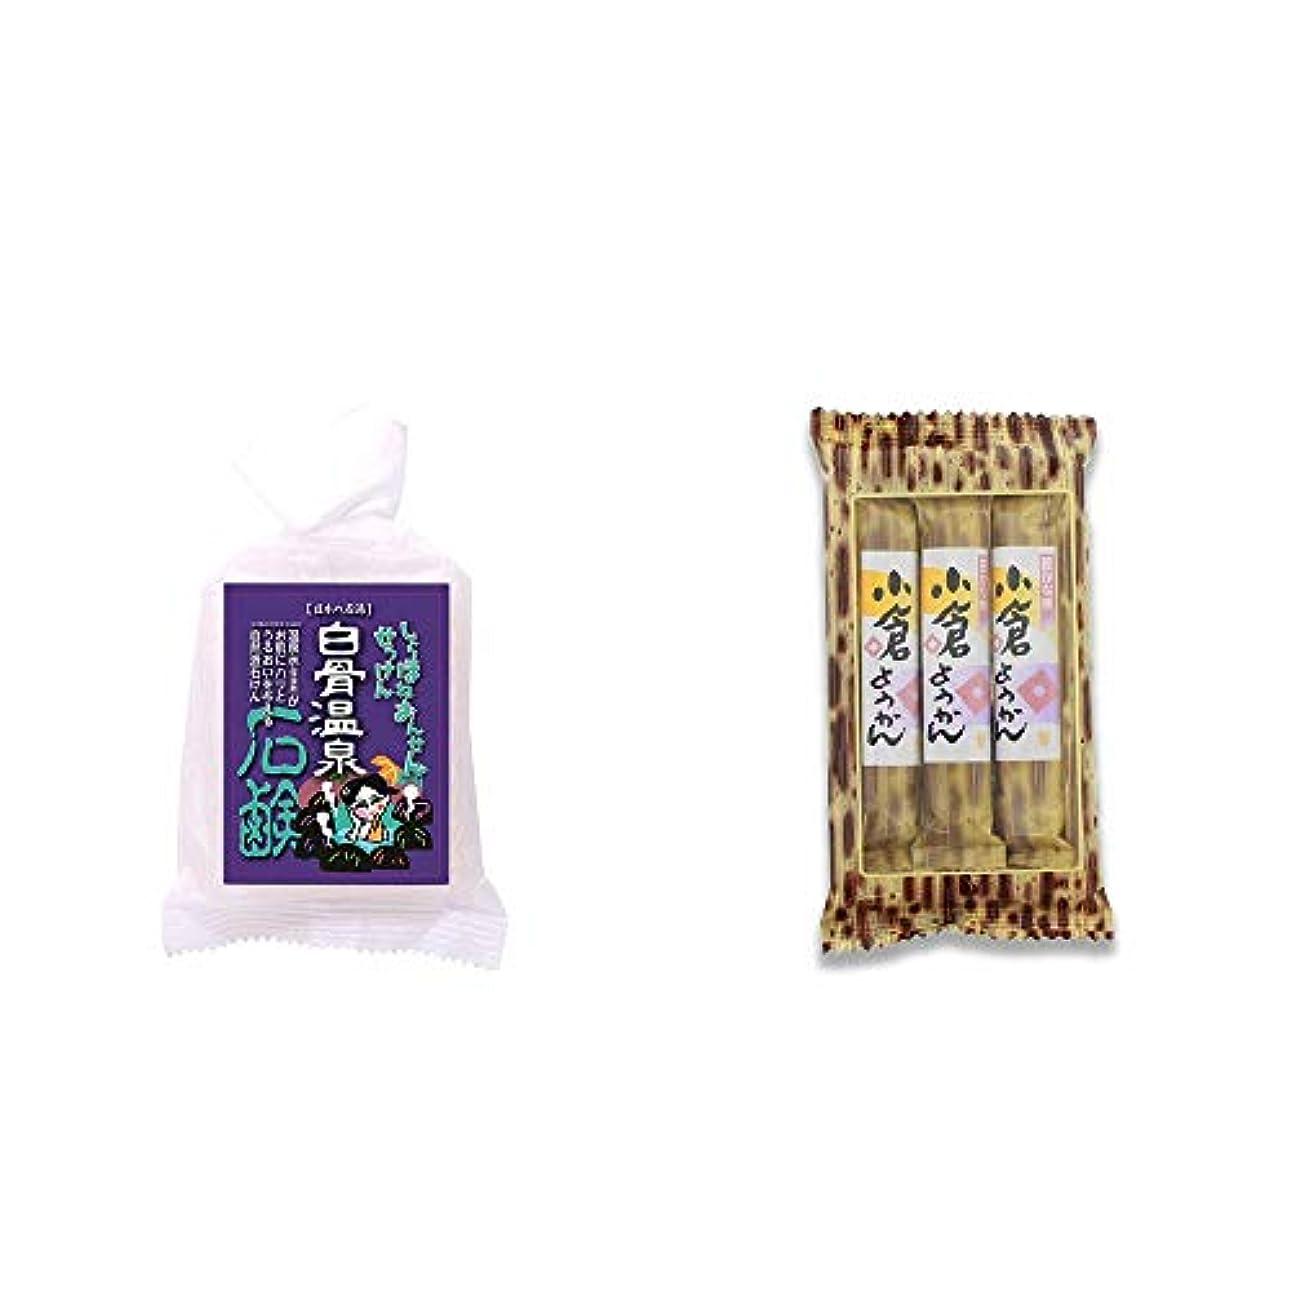 食べる賞醸造所[2点セット] 信州 白骨温泉石鹸(80g)?スティックようかん[小倉](50g×3本)